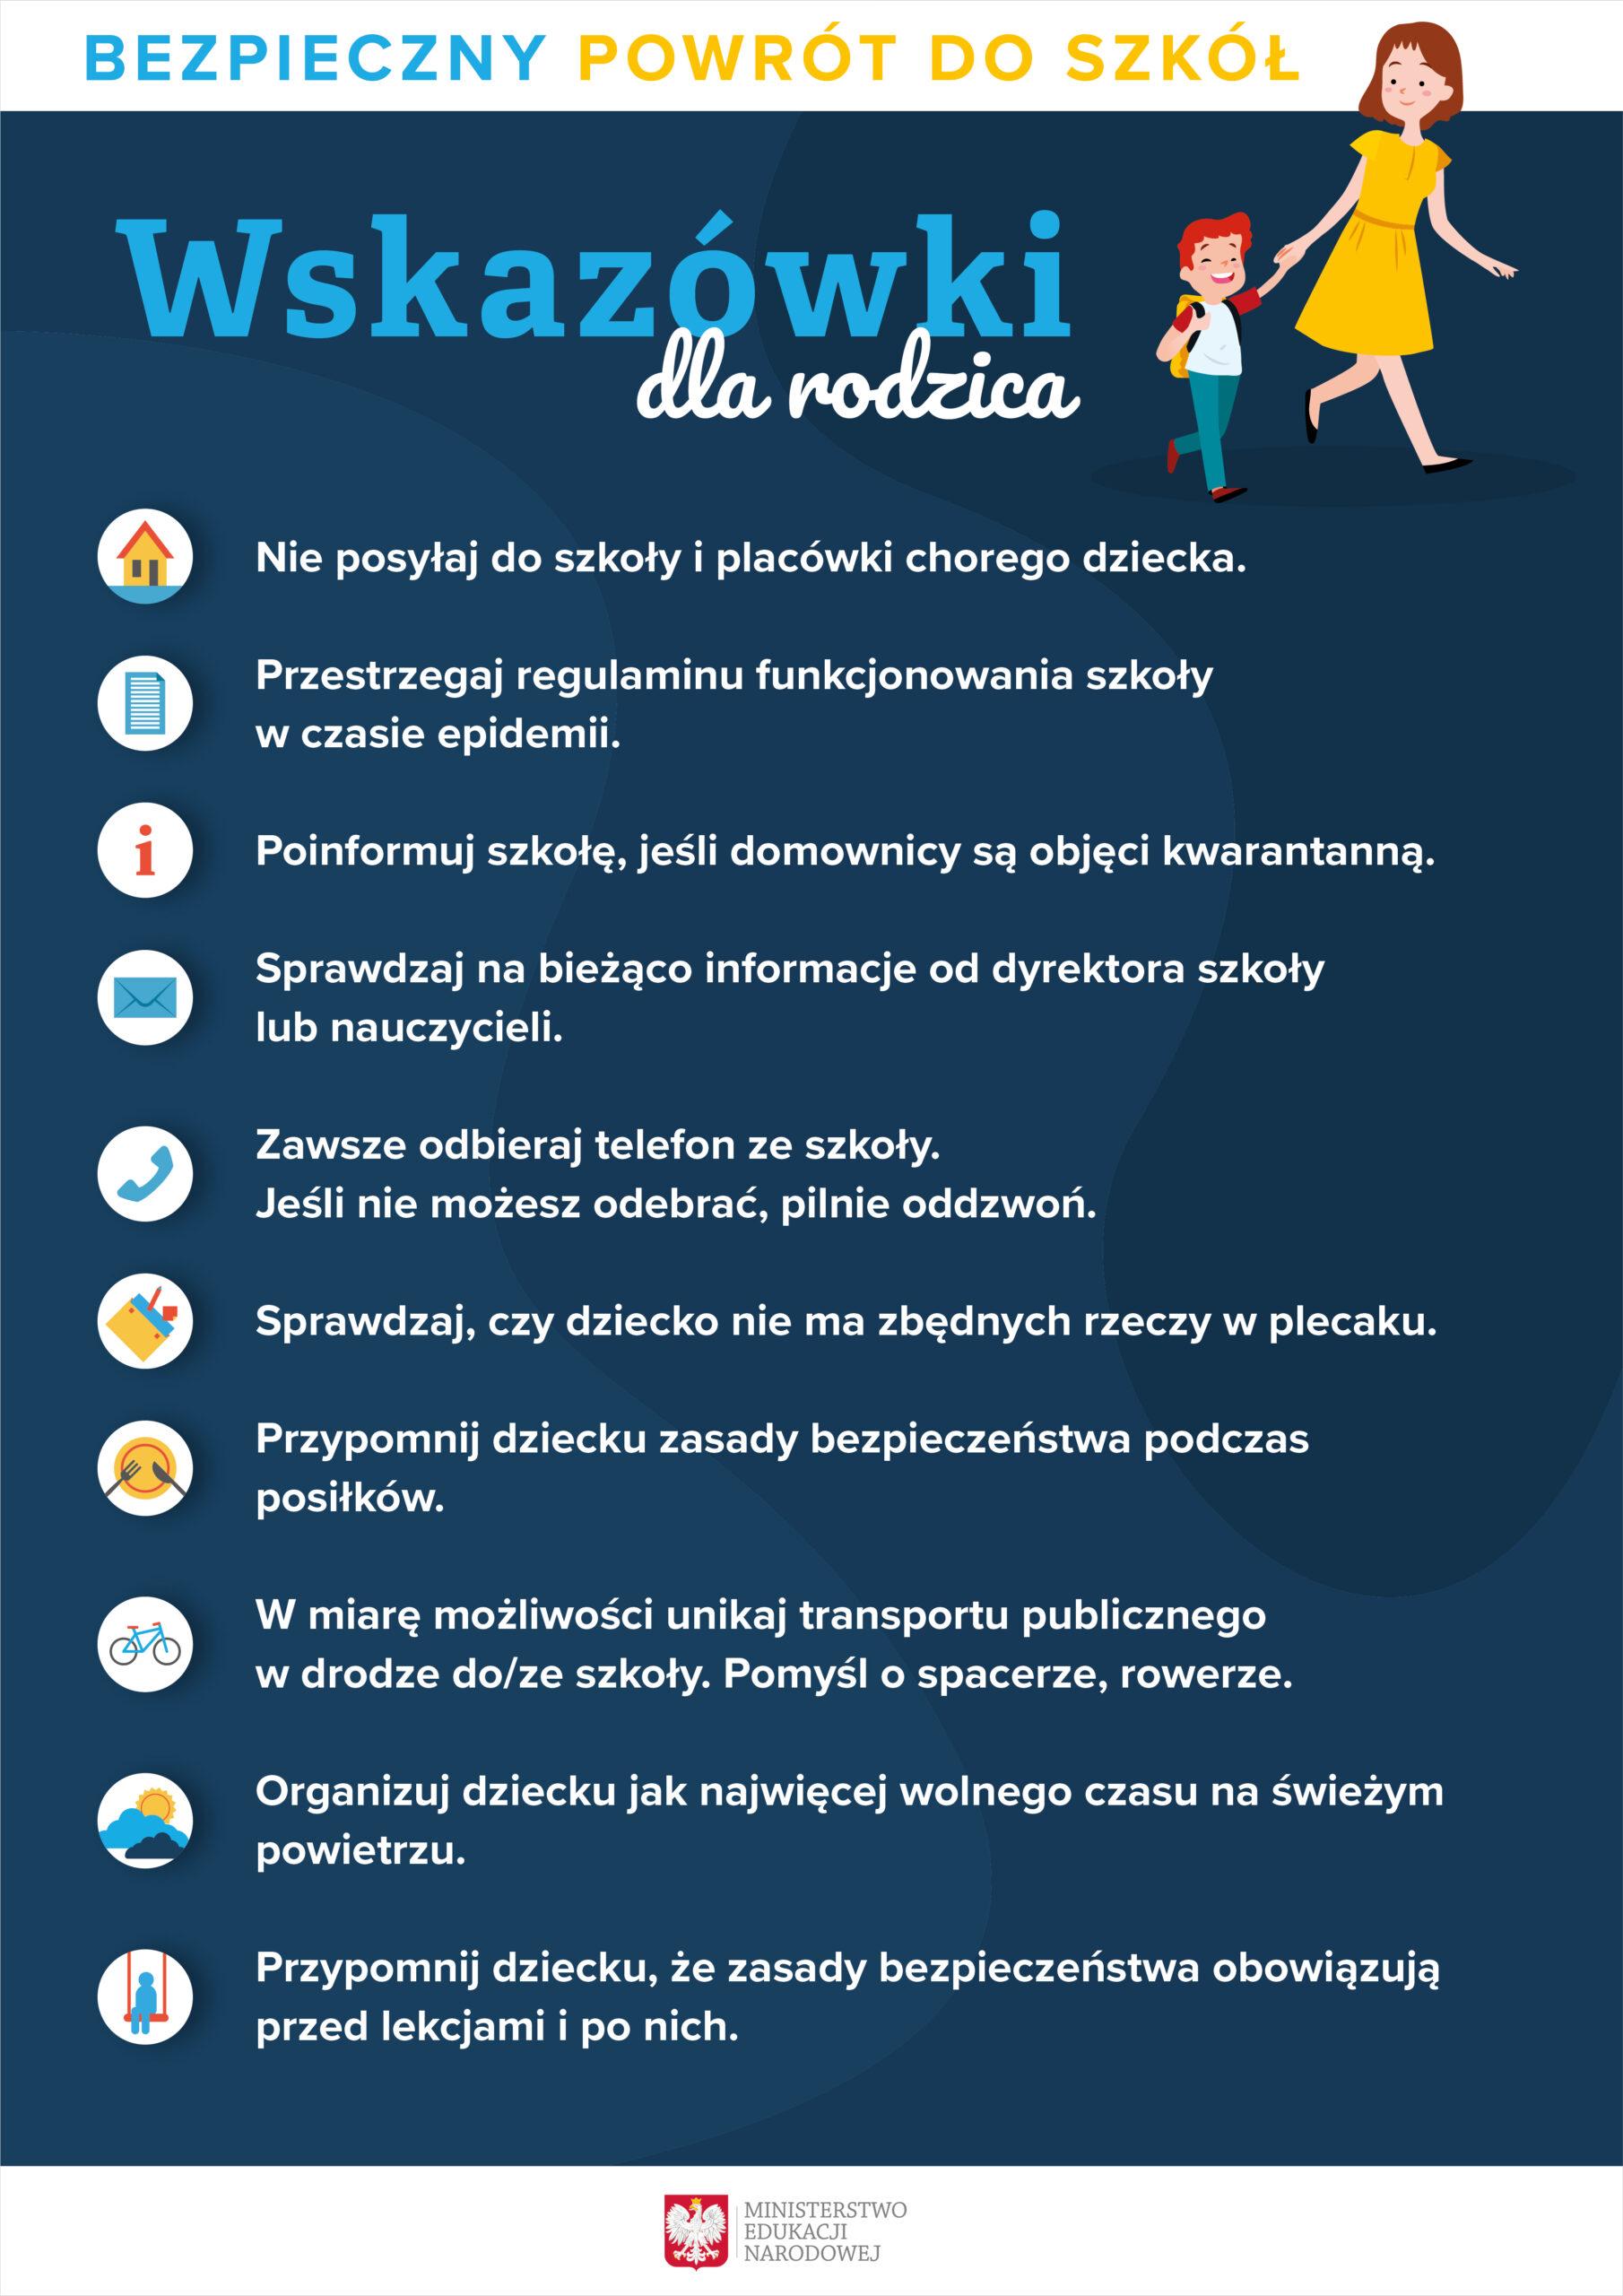 Bezpieczny powrót do szkół - 10 zasad dla ucznia i wskazówki dla ...